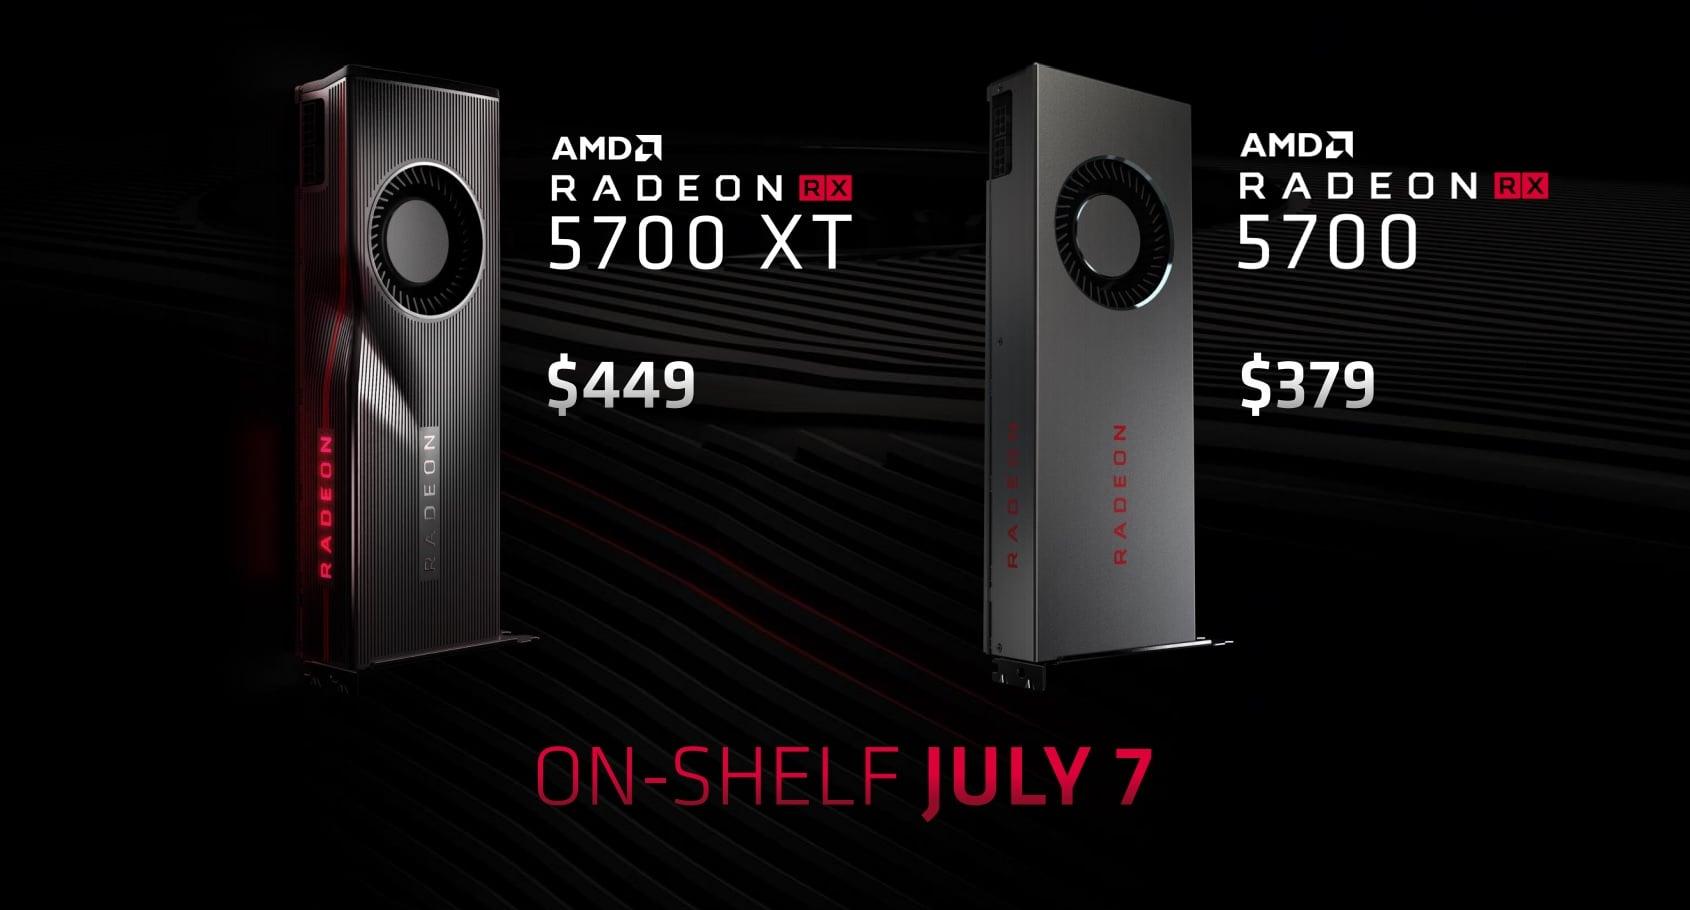 Ceny Radeonów RX 5700